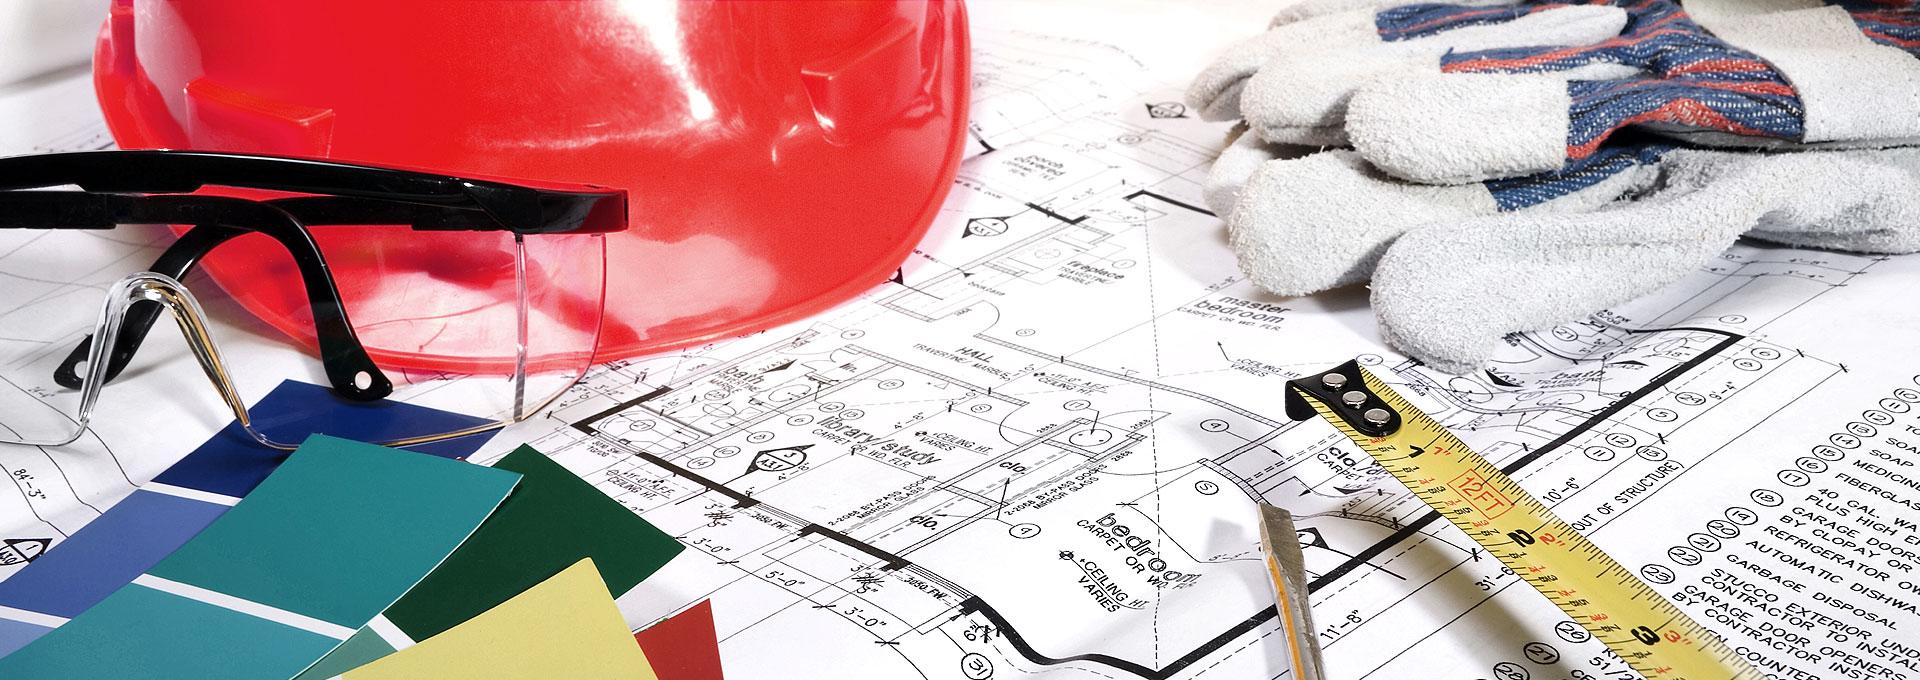 Revitalizace panelových domů (výměny oken, sanace balkonů, zateplení fasády, rekonstrukce střech)